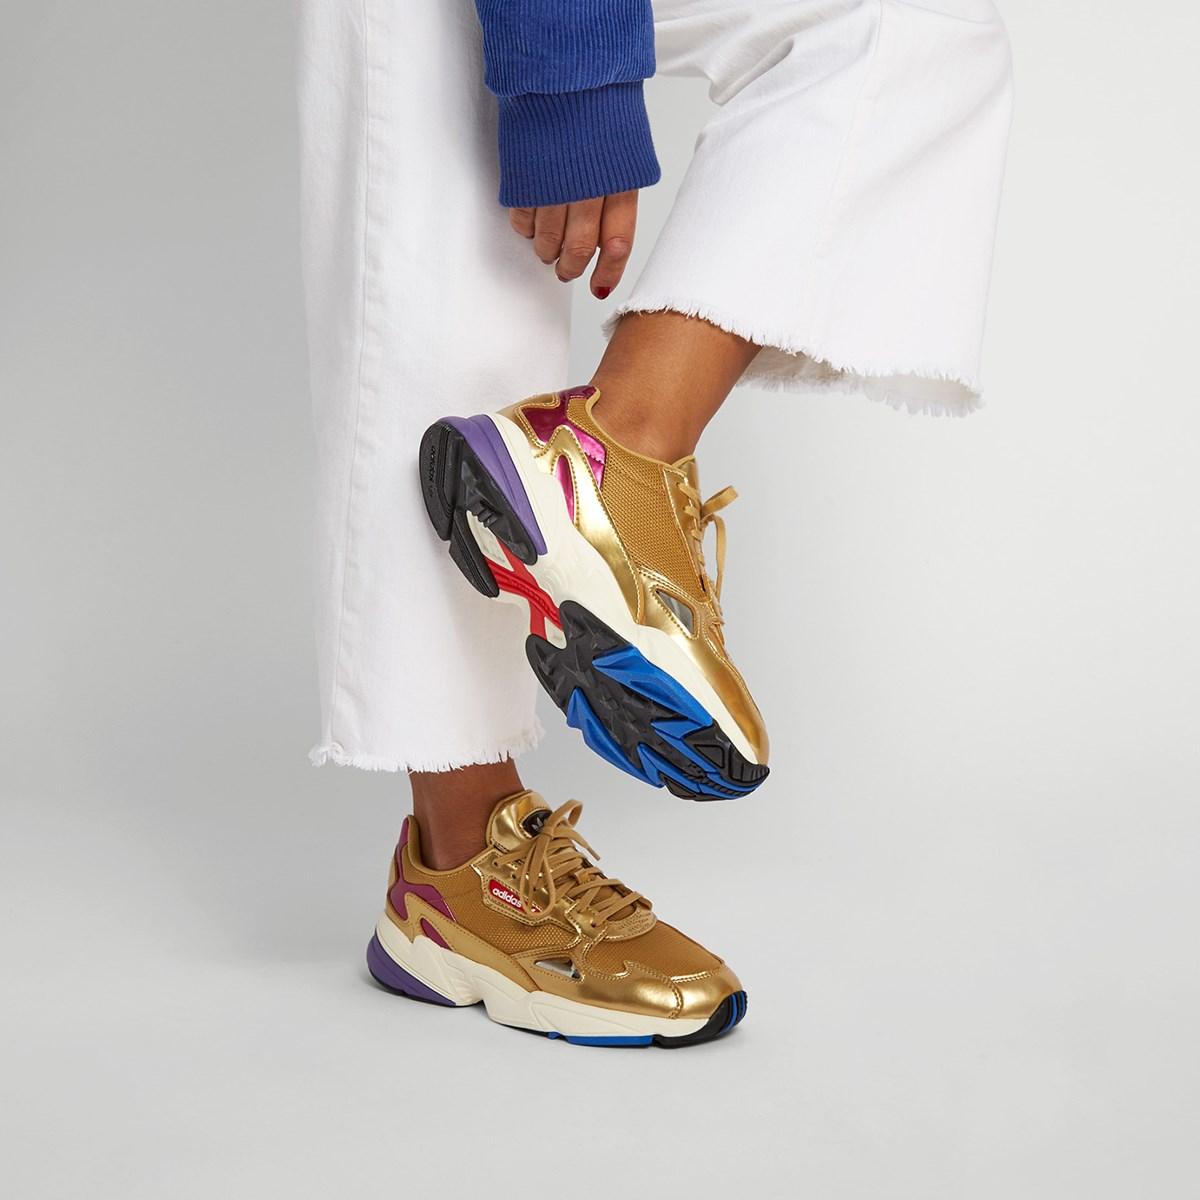 Baskets Falcon W dorées pour femmes